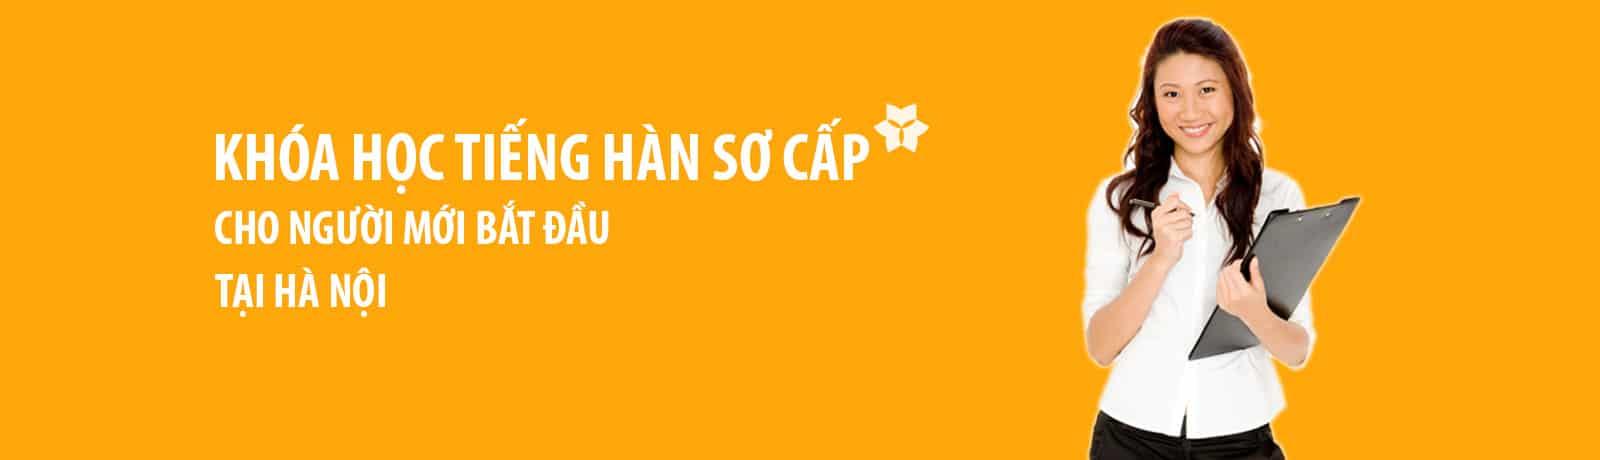 Khóa học tiếng Hàn cho người mới bắt đầu tại Hà Nội